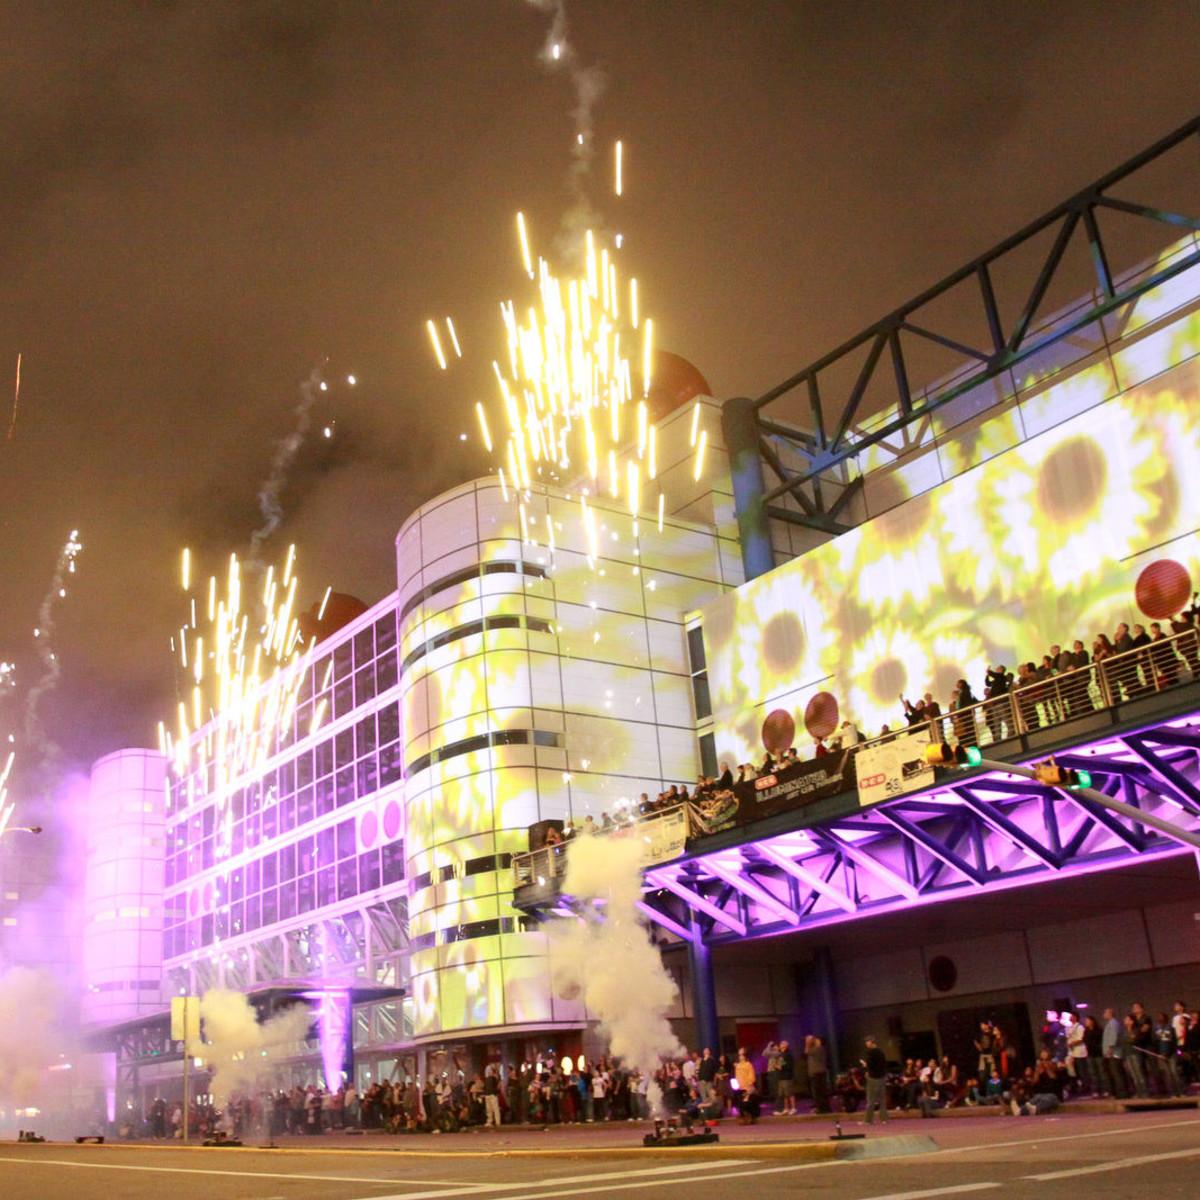 News_Gloworama 2009_fireworks